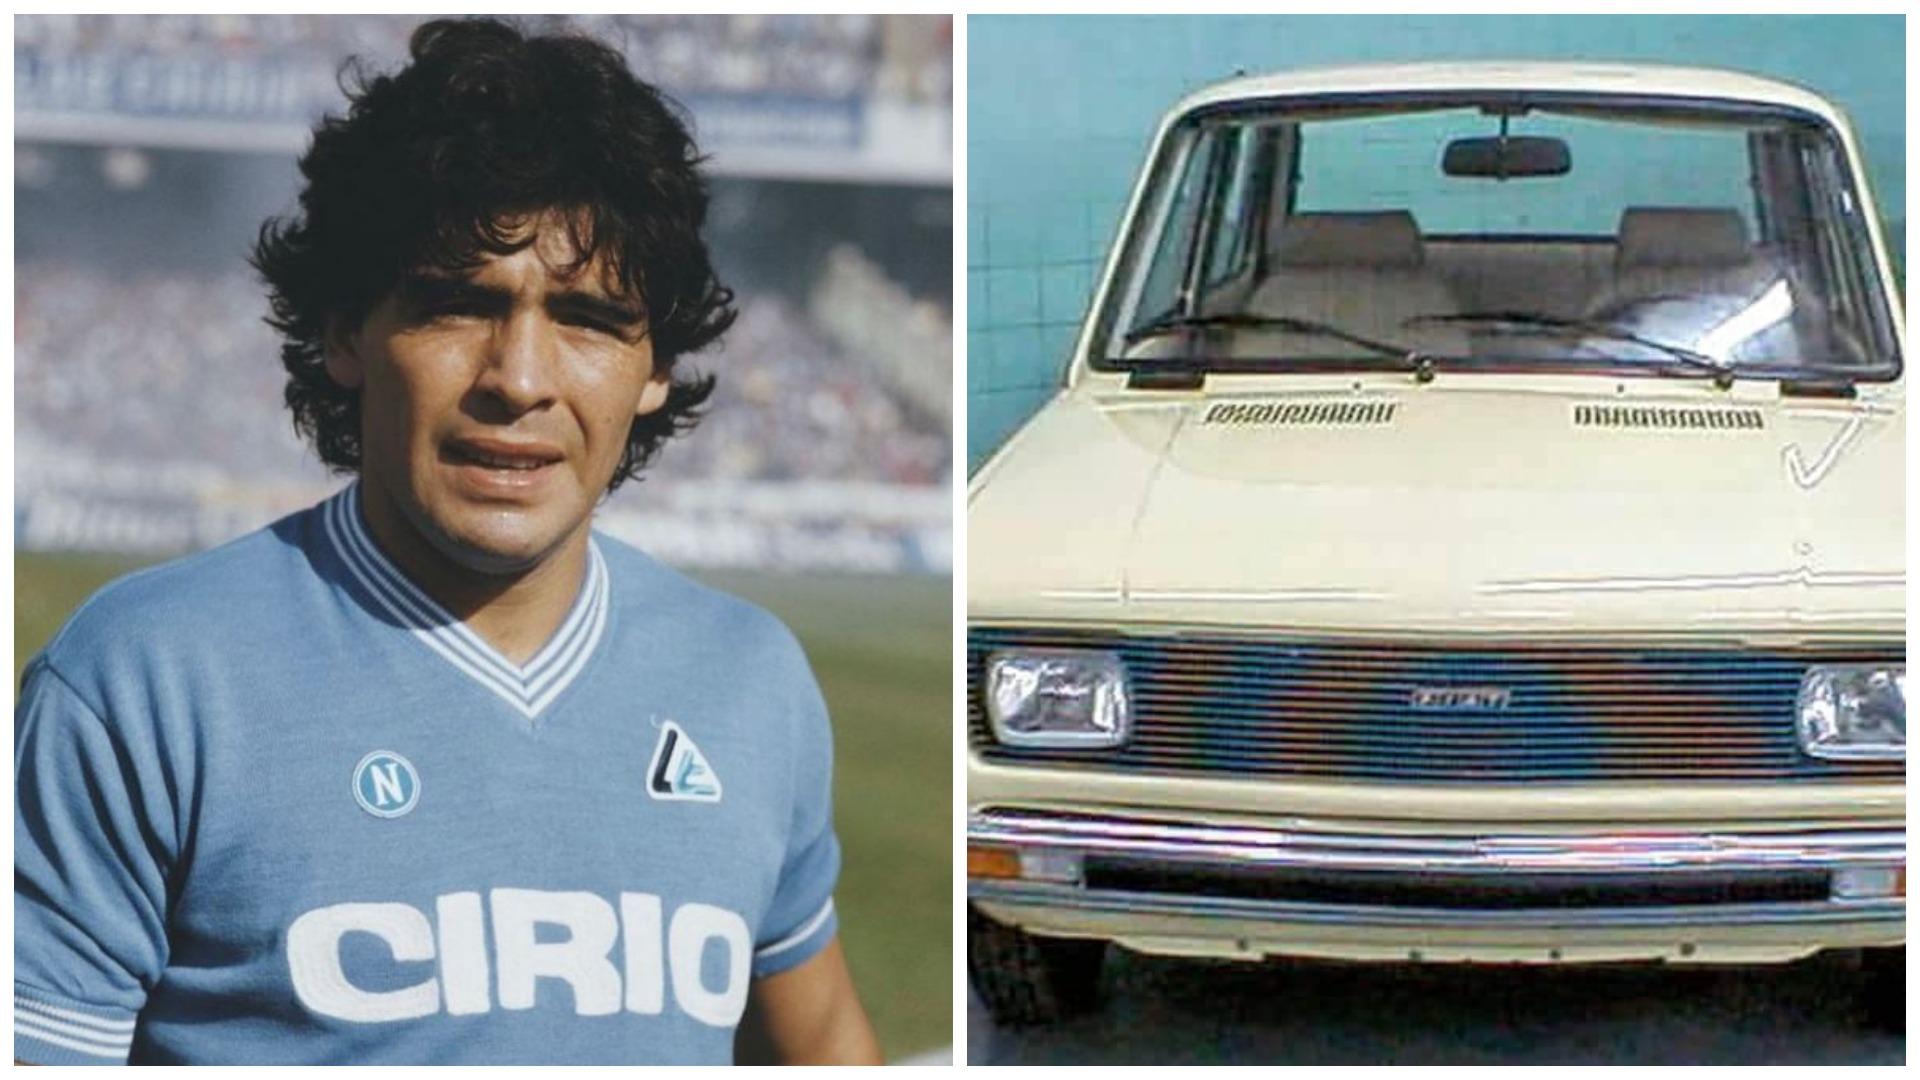 FOTO/ Maradona dhe luksi marrëdhënie e vështirë, El Diez ishte pronar i një Fiati